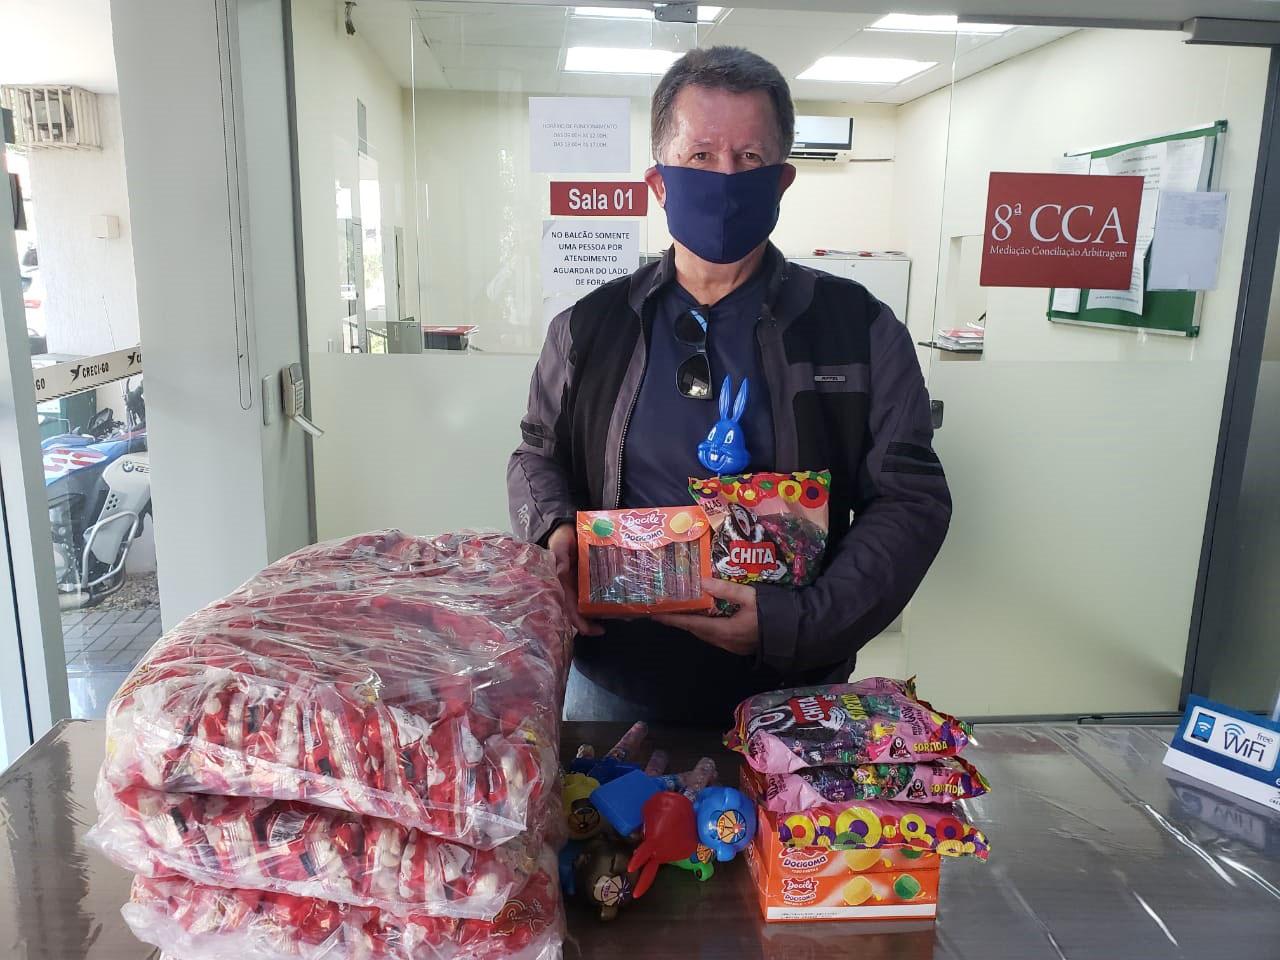 Guloseimas natalinas são doadas para Campanha Natal Feliz   CRECI-GO/ Conselho Regional de Corretores de Imóveis de Goiás